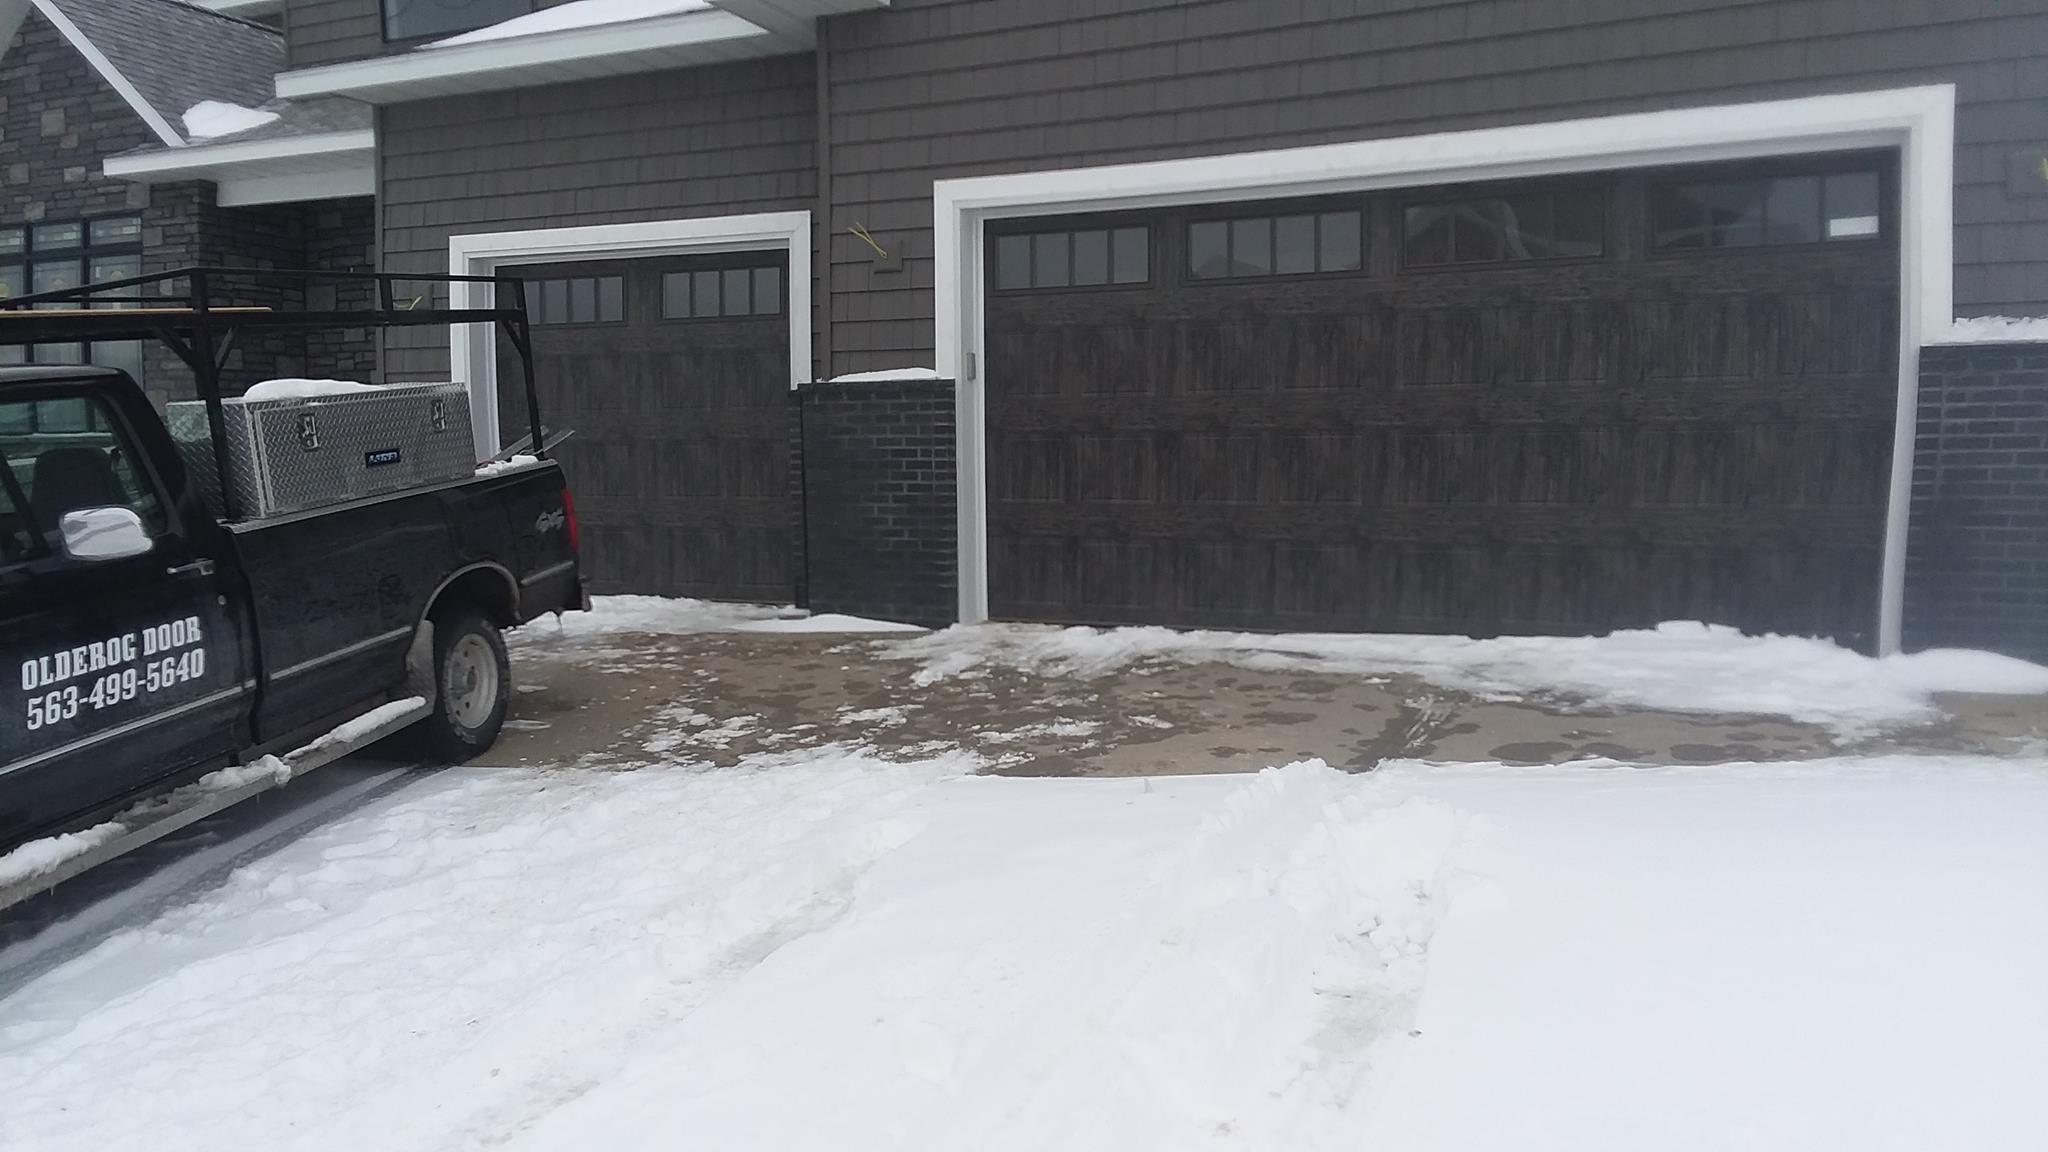 Home Olderog Door